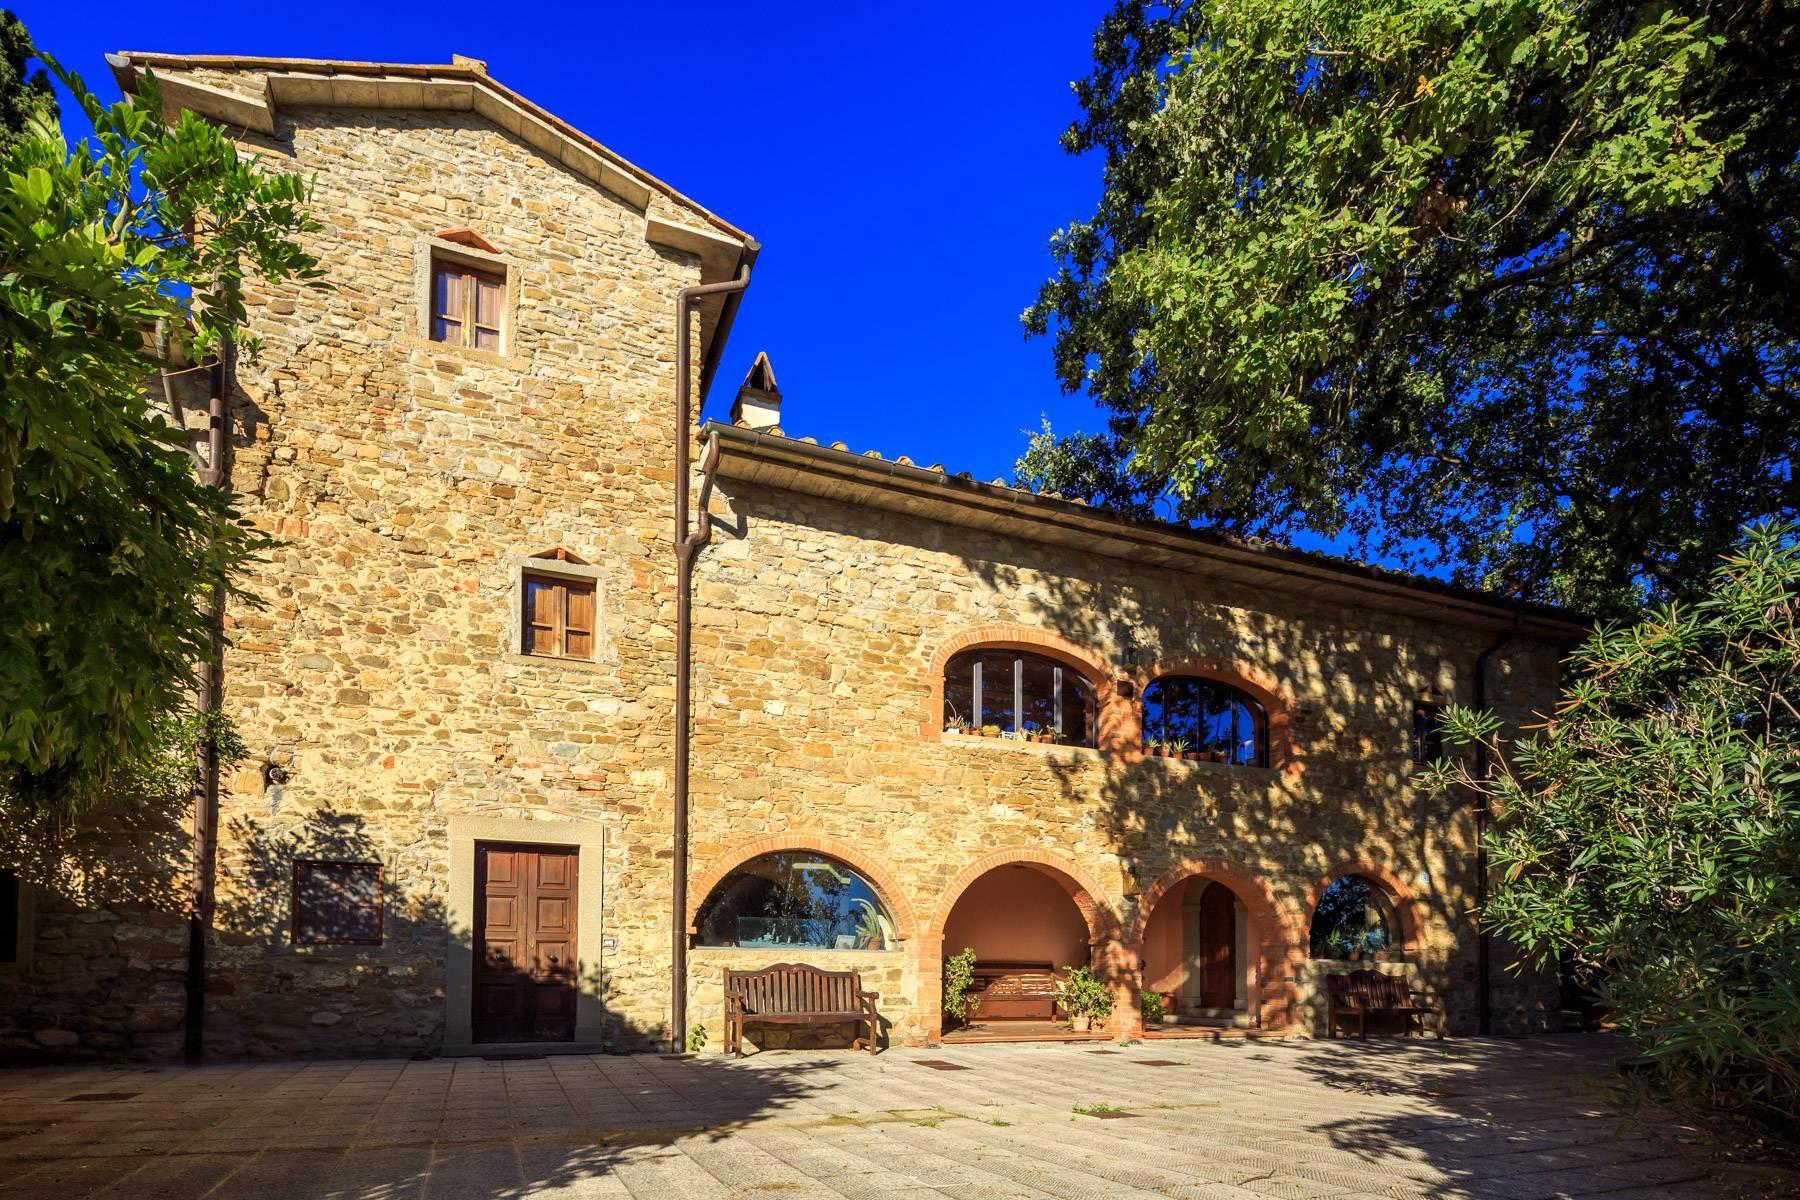 Villa historique dans la campagne toscane - 2